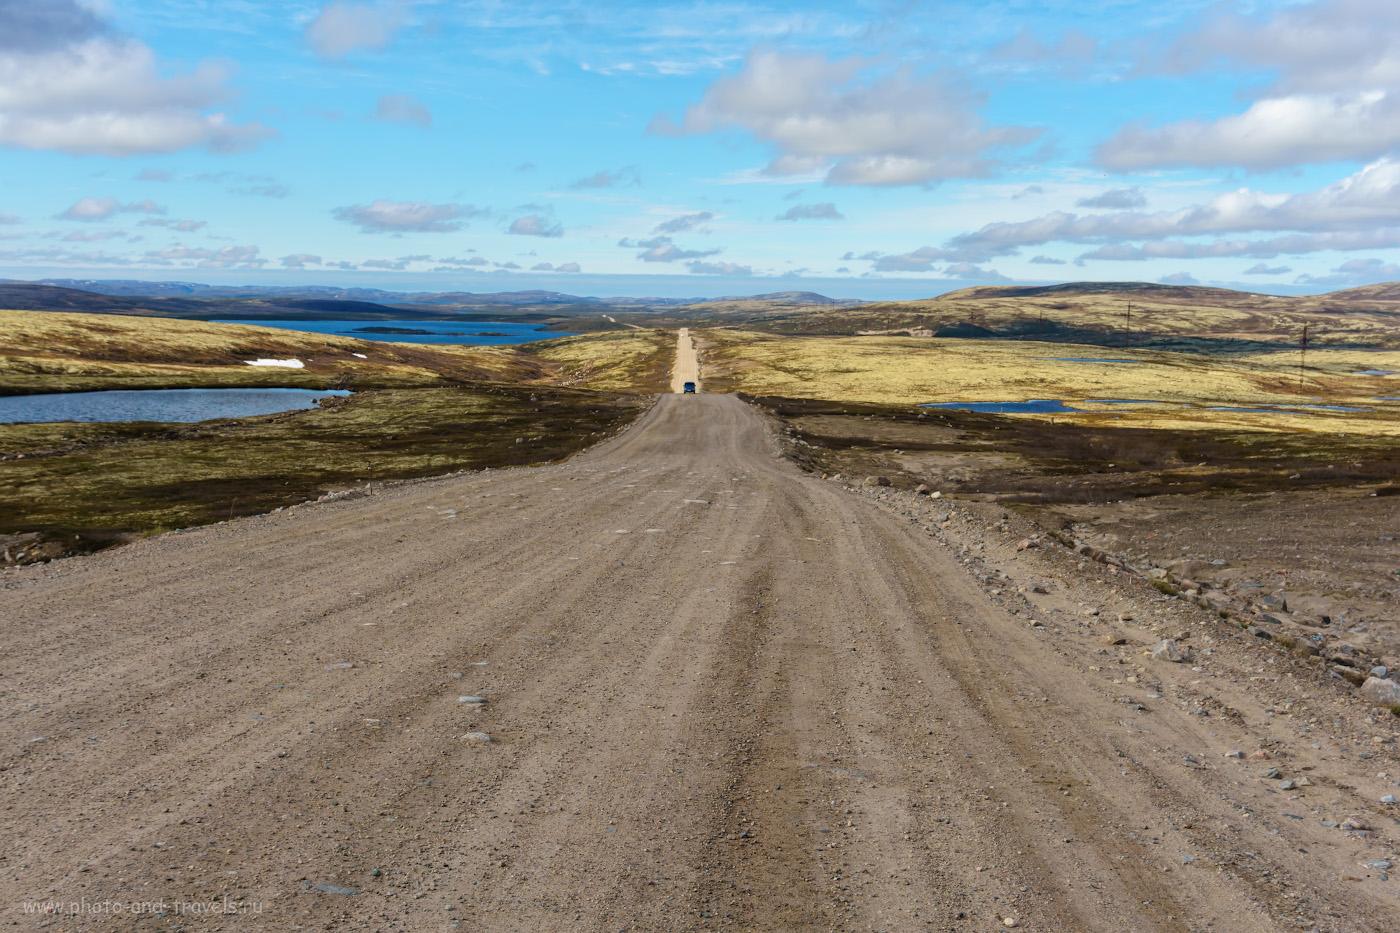 Фотография 7. Так выглядит грунтовая дорога до Териберки. Тундра и голубые озера Кольского полуострова.